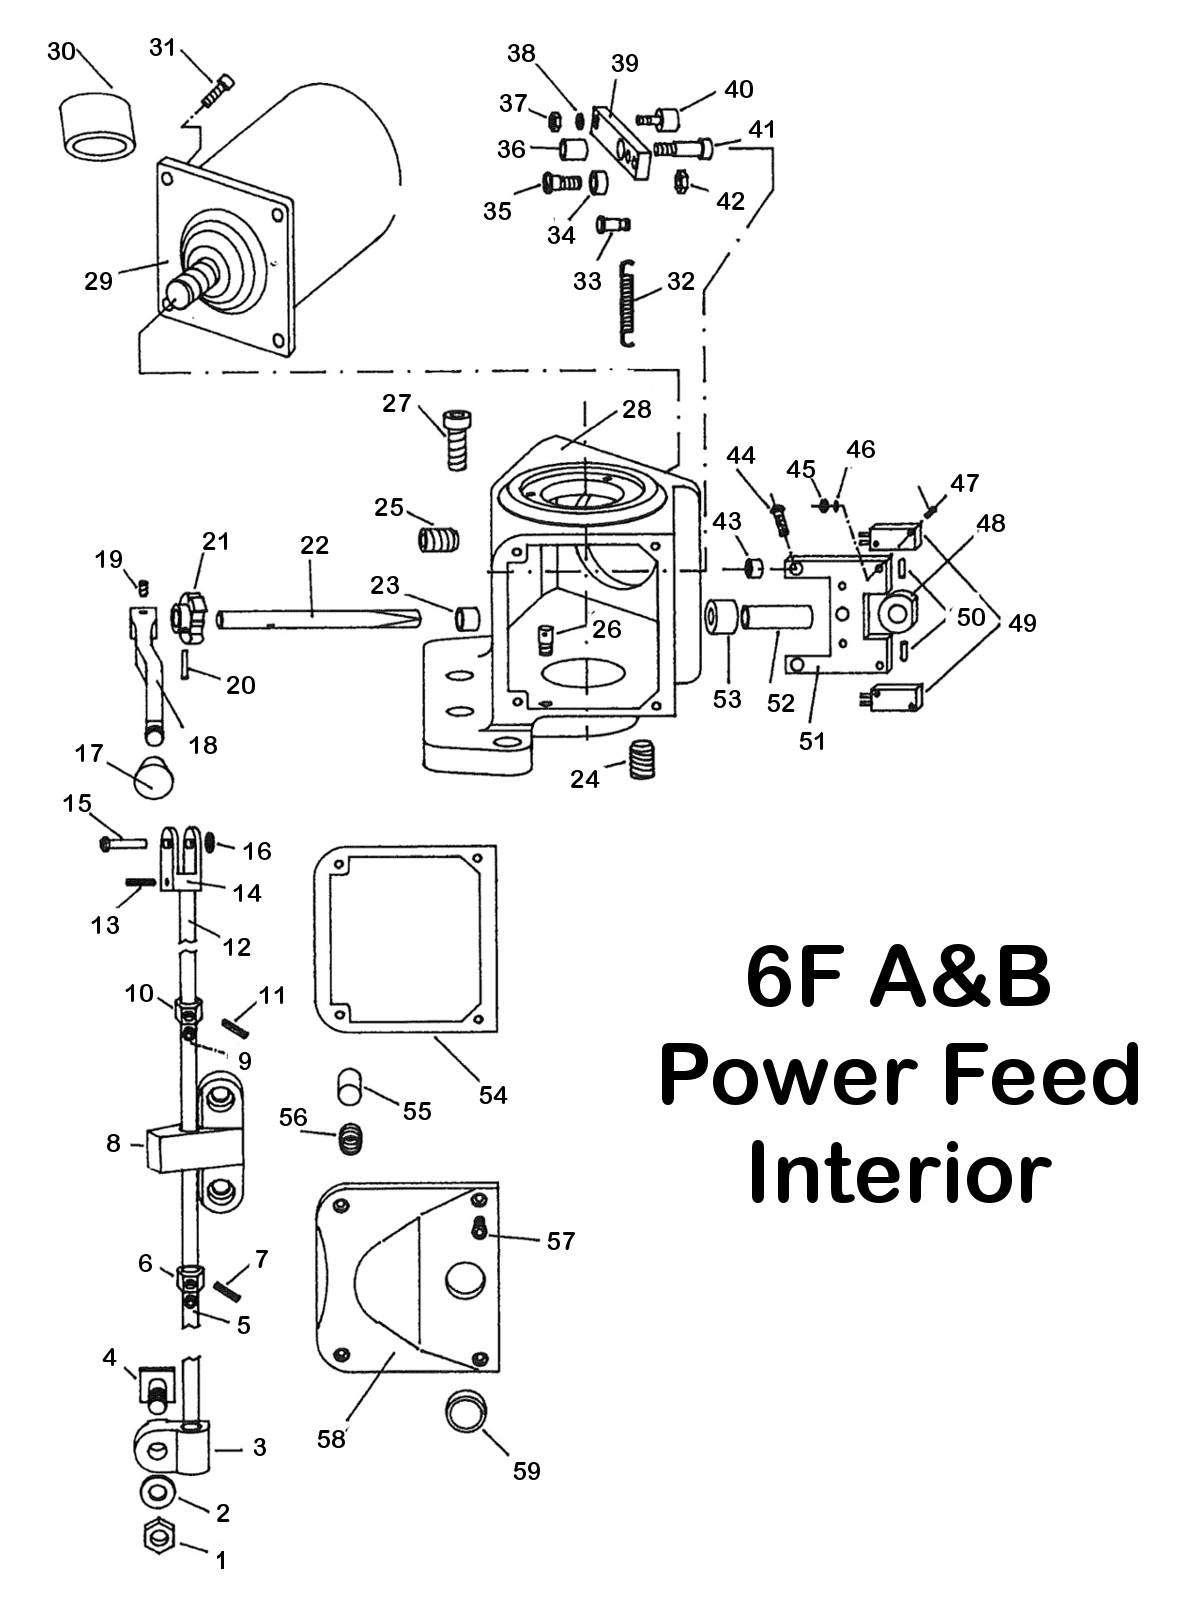 6f ab interior1